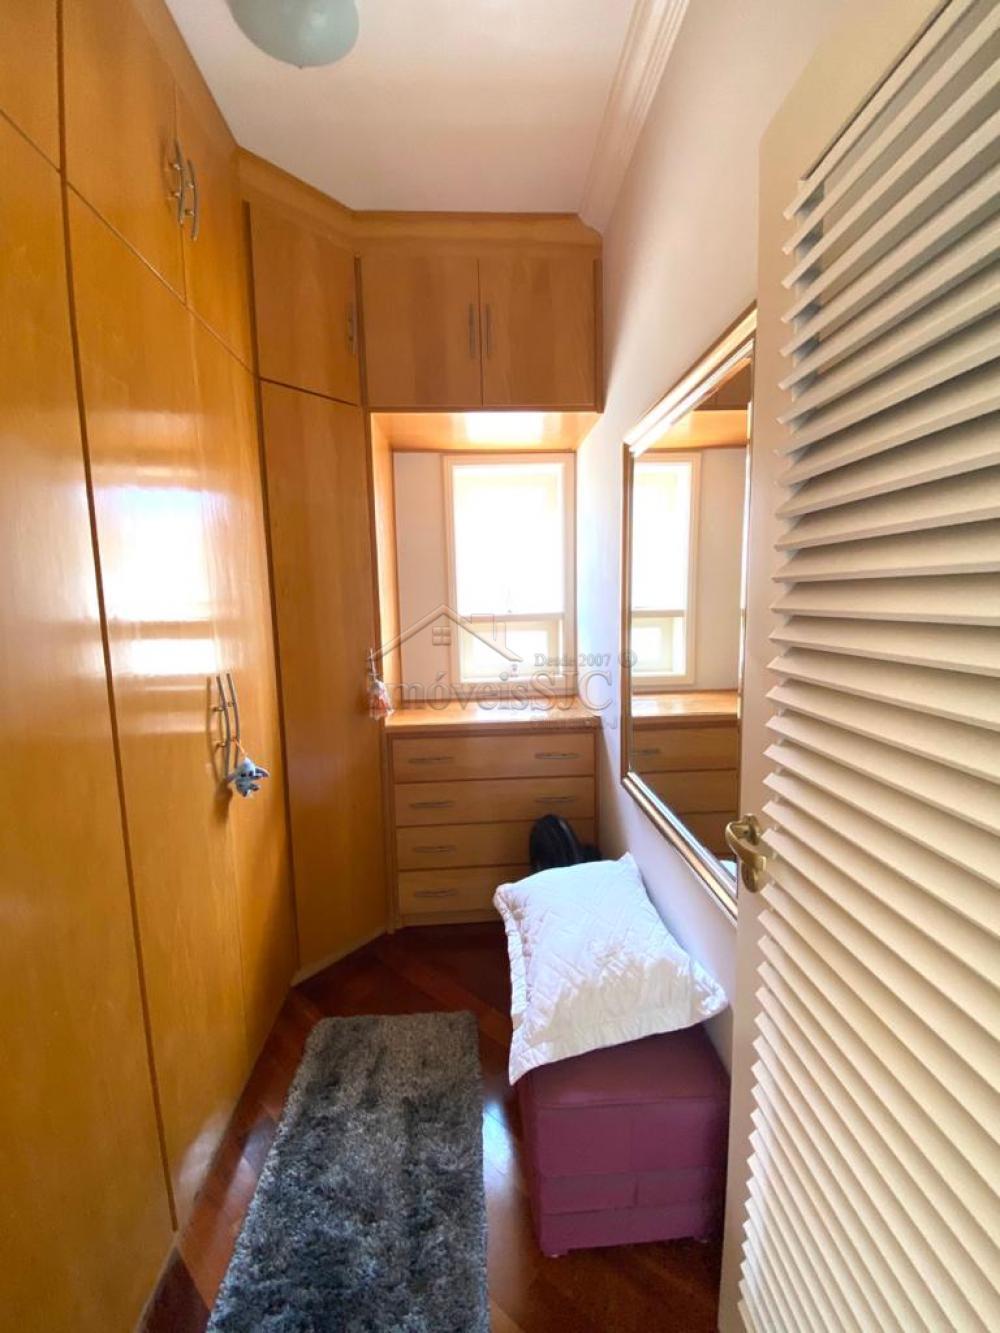 Comprar Casas / Condomínio em São José dos Campos apenas R$ 1.450.000,00 - Foto 29